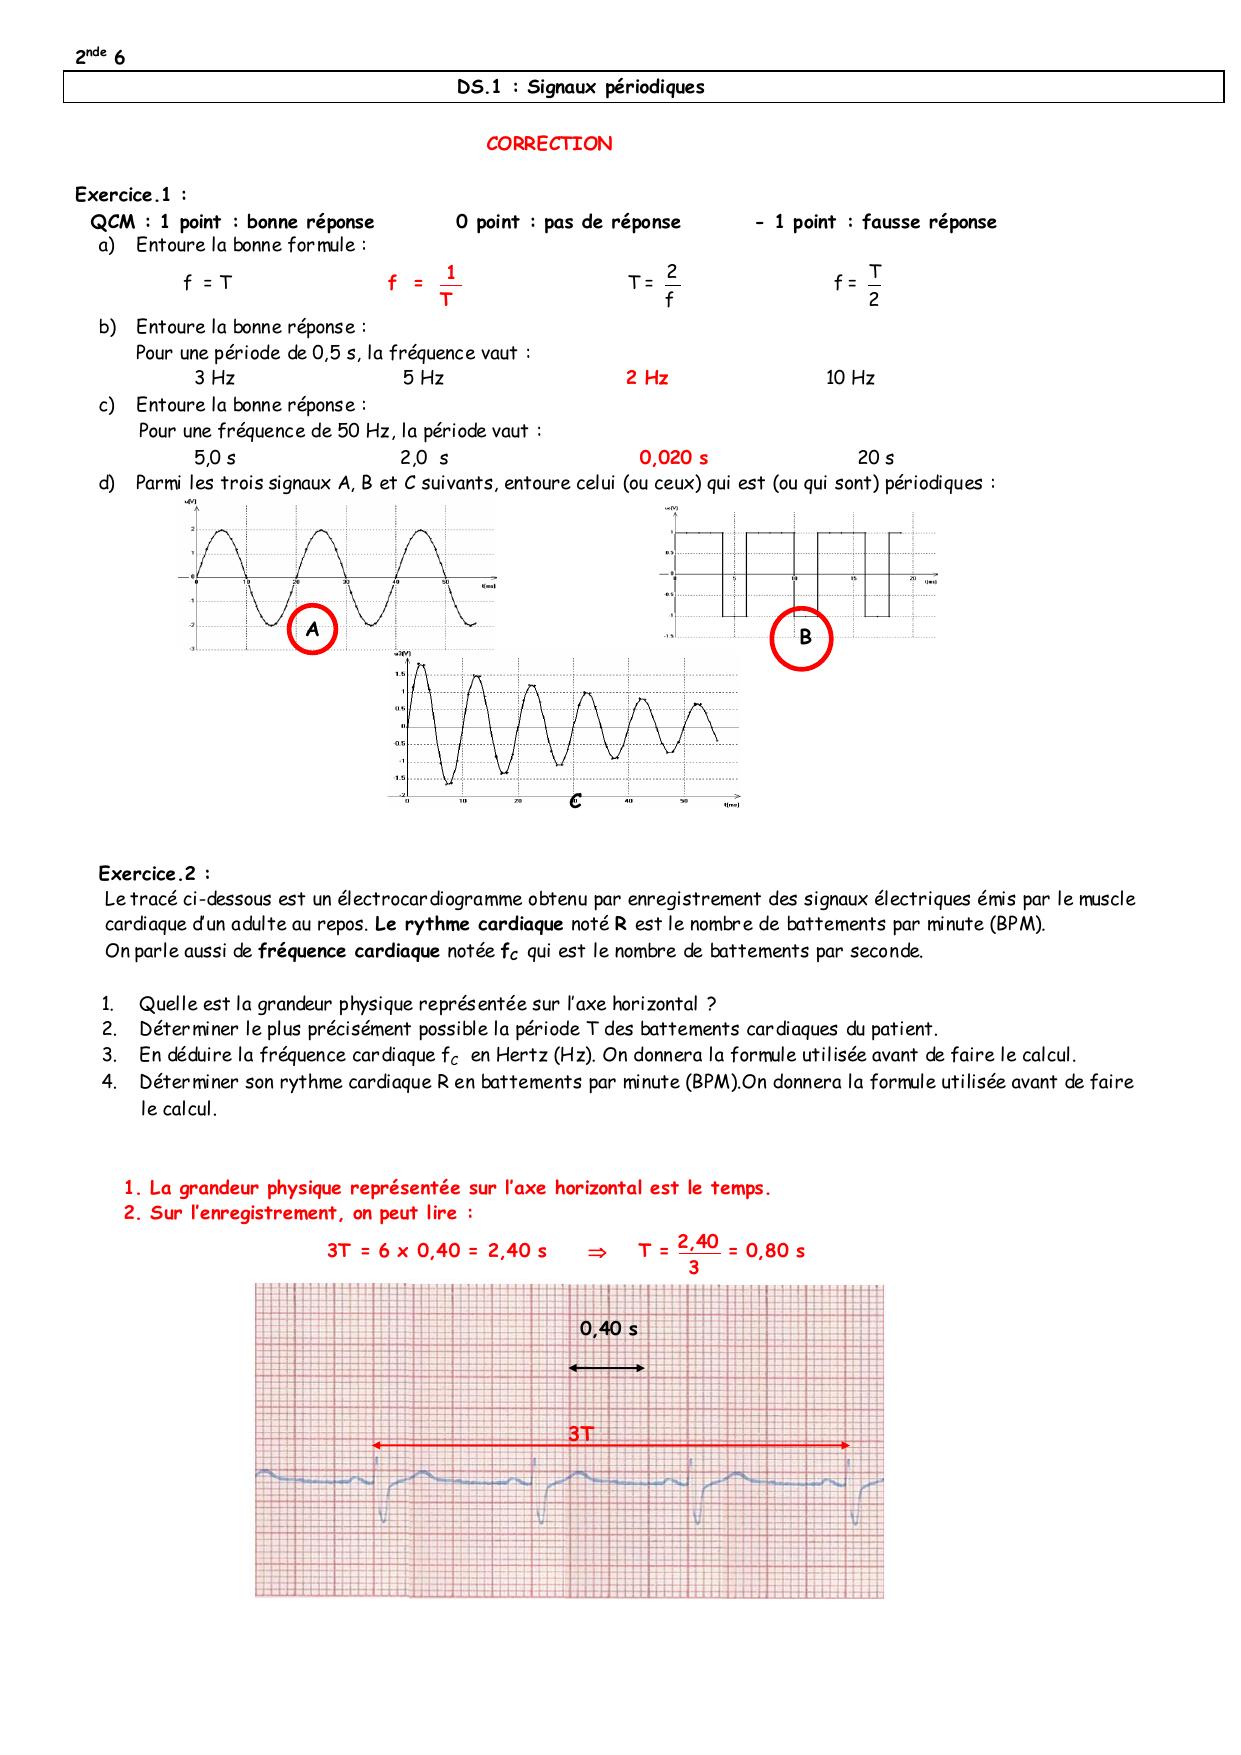 Rosilesi ABS Haut d/écibel 120DB Trois Vitesses sifflet /électronique de Formation doiseaux r/églable sp/écial avec Corde Suspendue